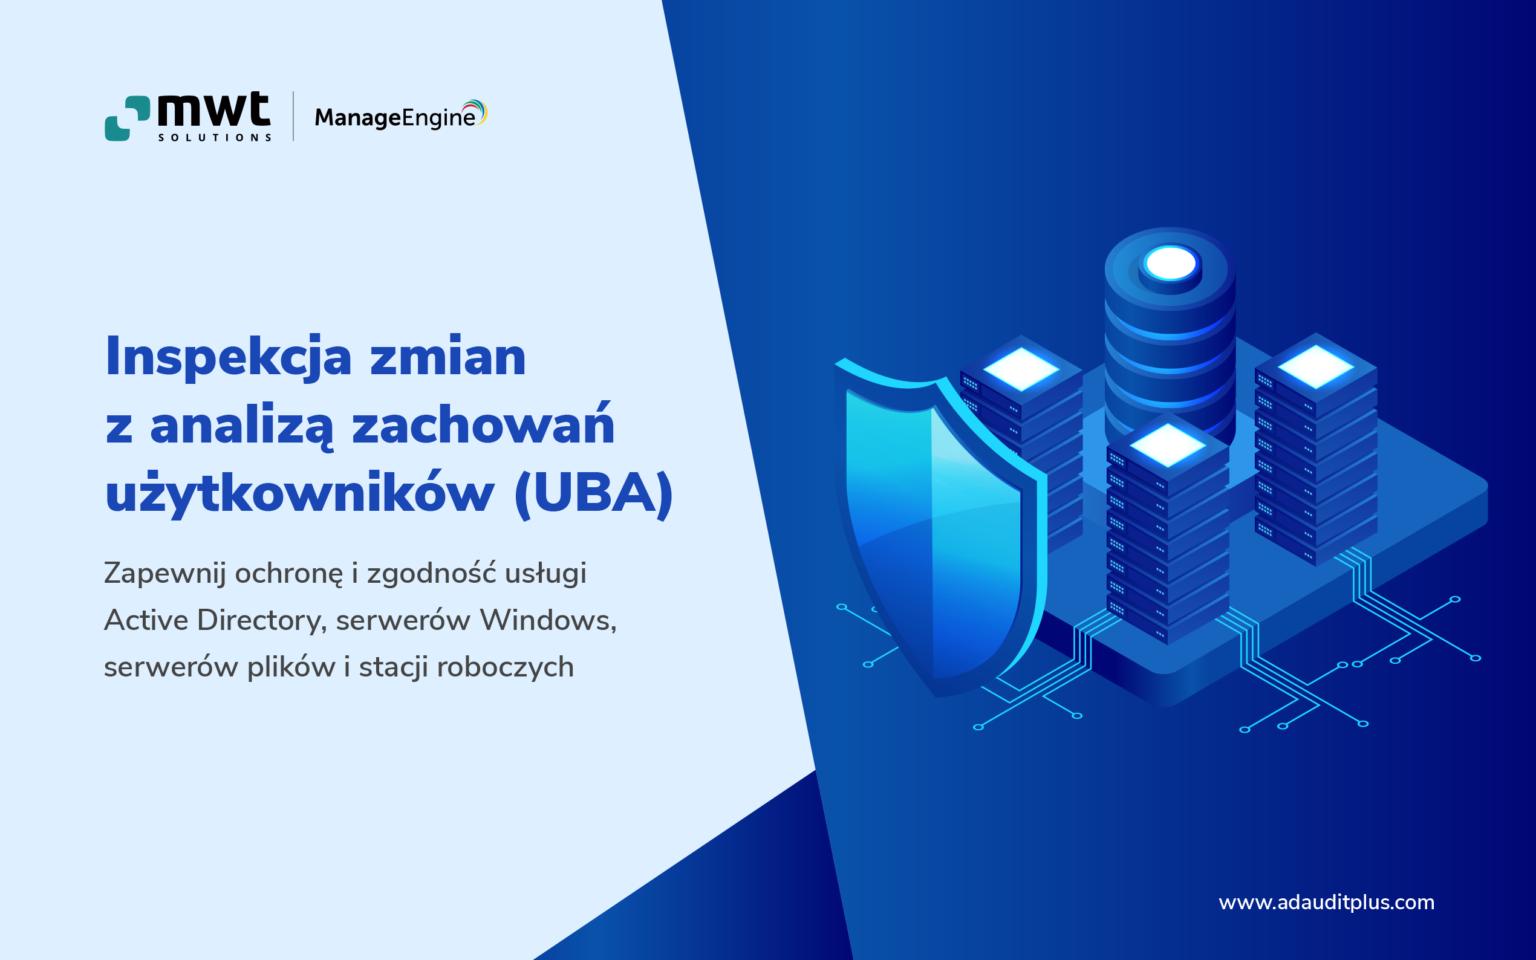 Ebook ManageEngine Inspekcja zmian zanalizą zachowań użytkowników (UBA)